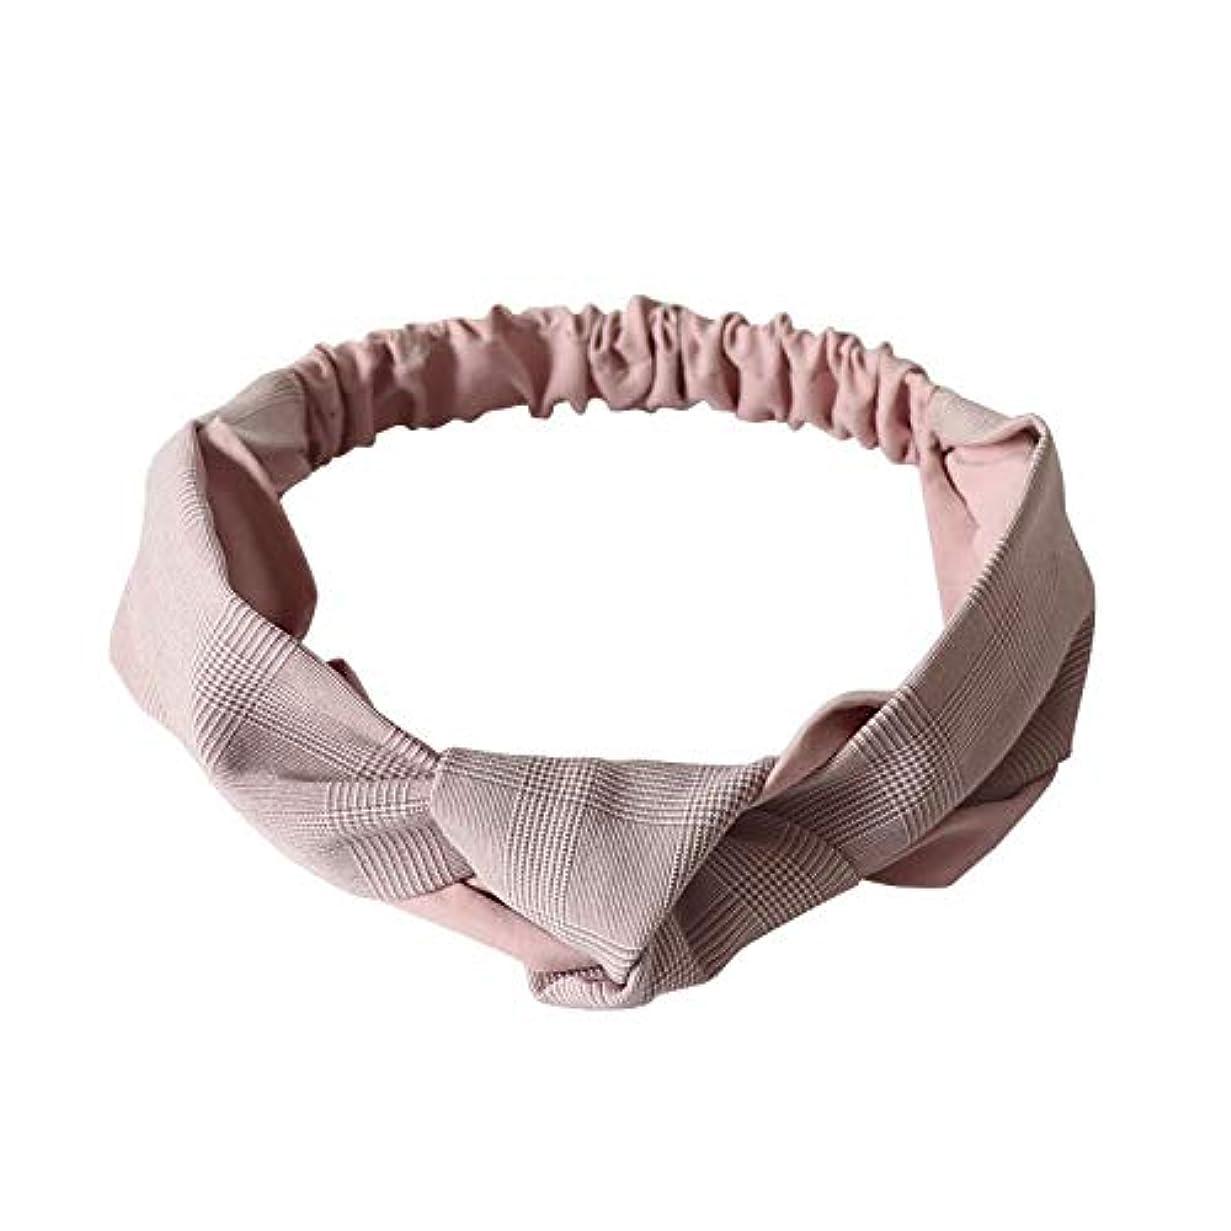 湿った地下ベーカリーヘアアクセサリーに女性の甘い頭巾をつけて、顔を洗ってカチューシャを巻きます